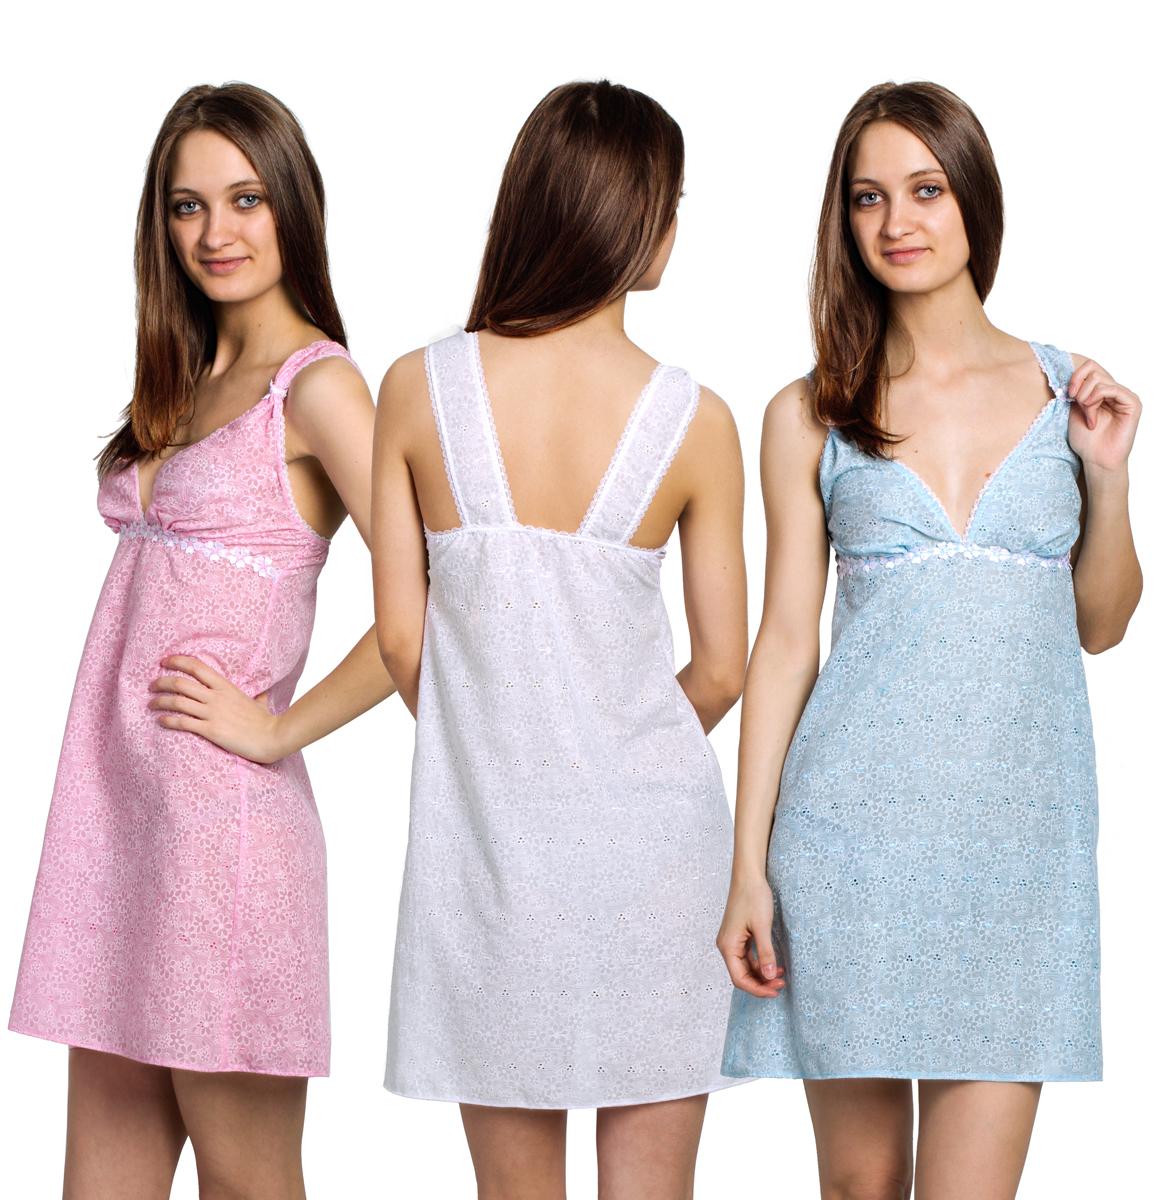 Сорочка ночная ClassicСорочки<br><br><br>Размер: 48